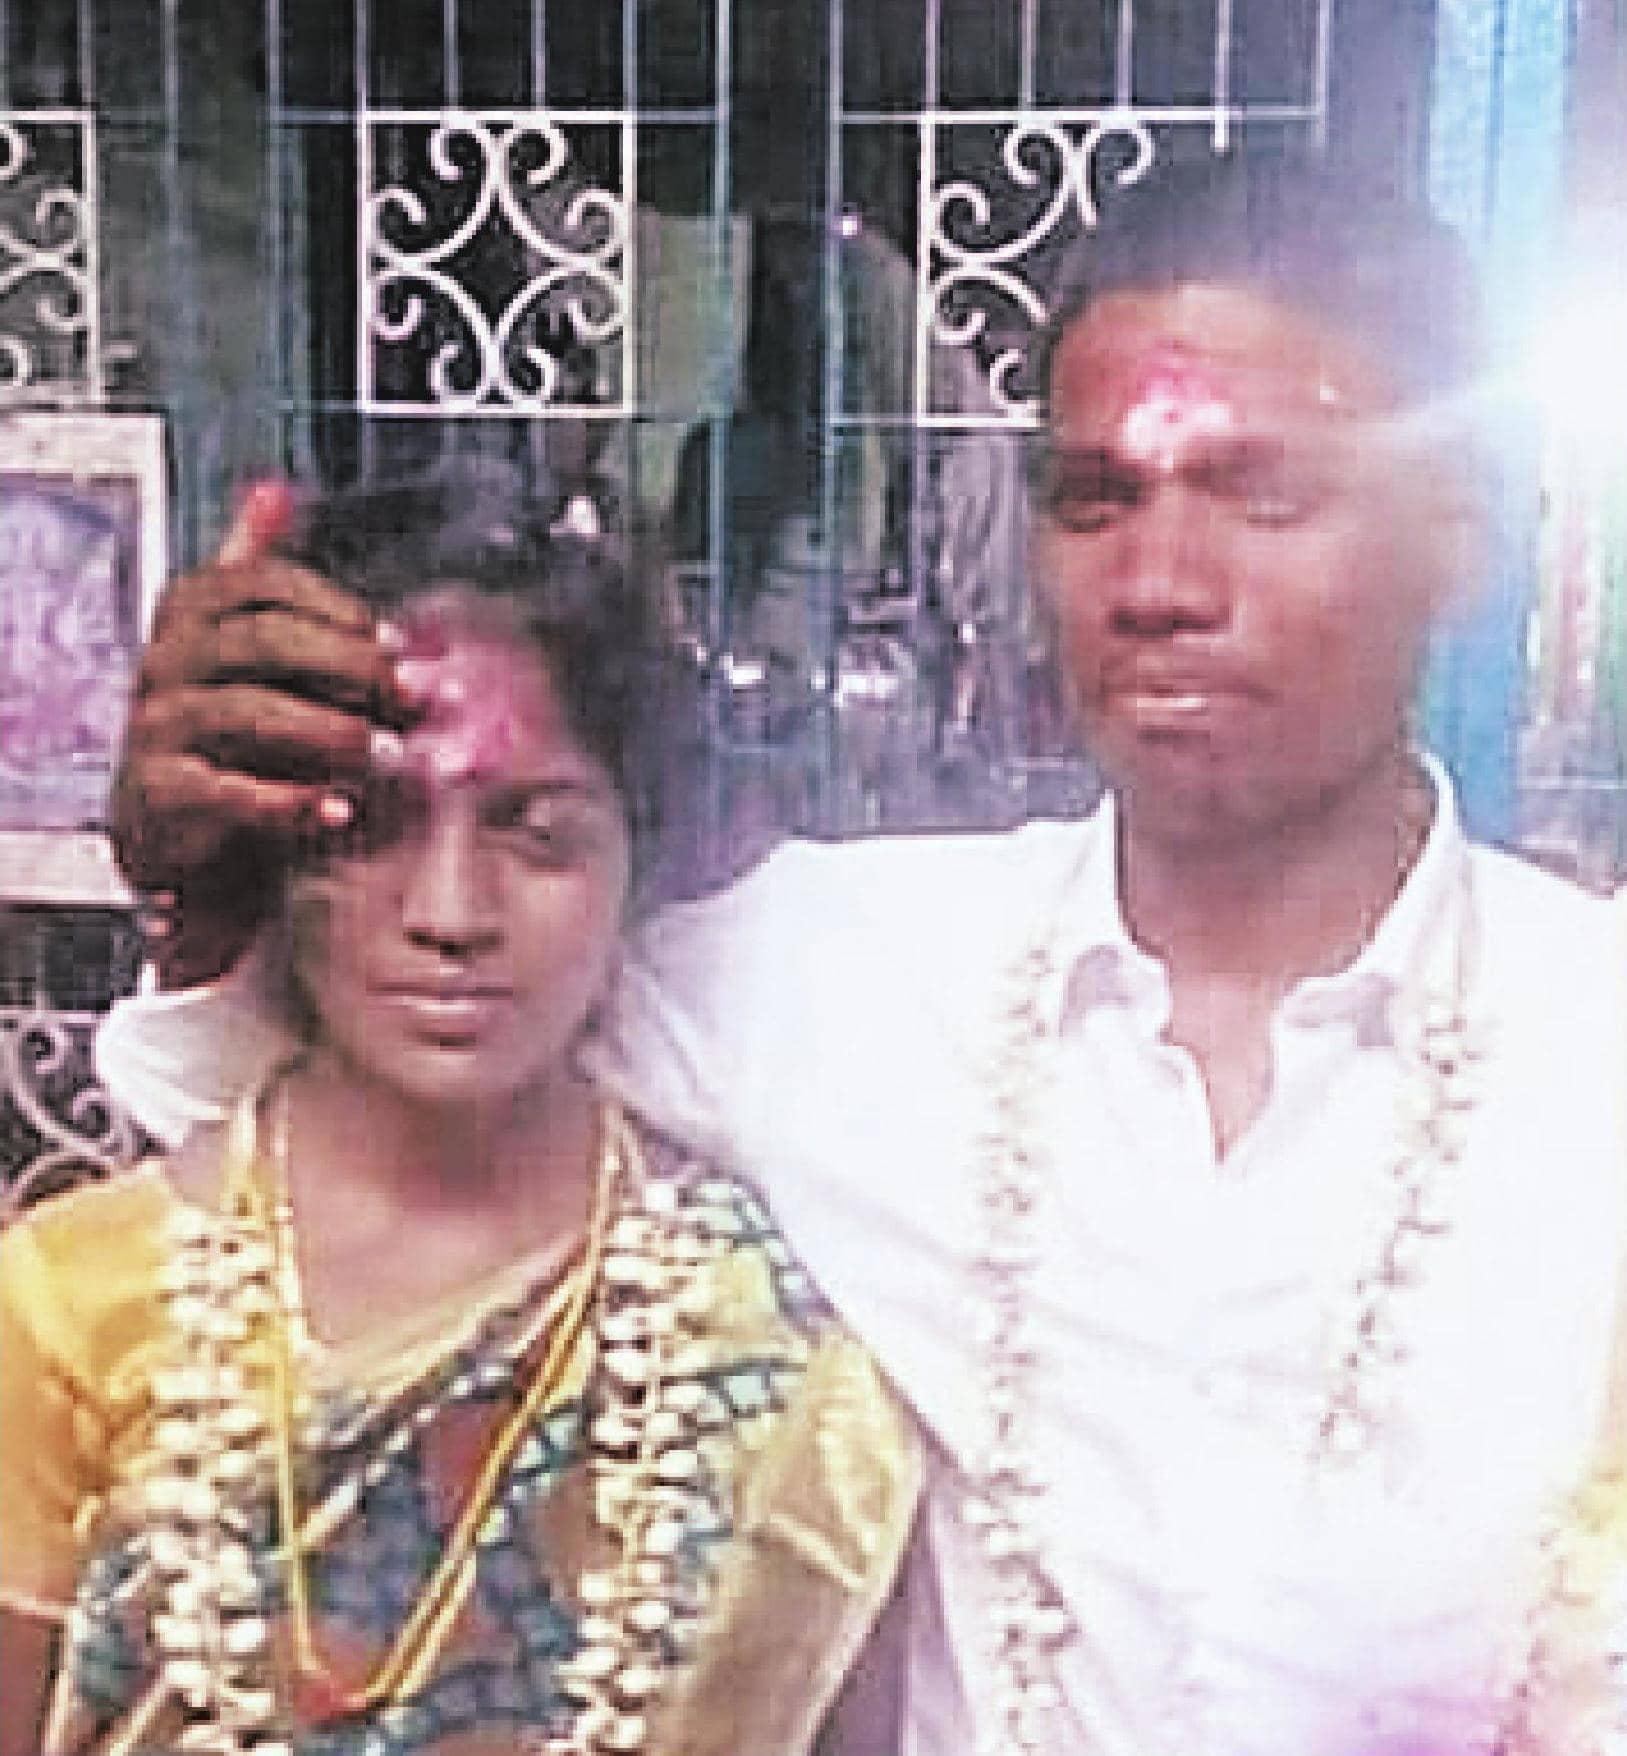 விவசாயியை விரும்பி கரம் பிடித்த பட்டதாரி